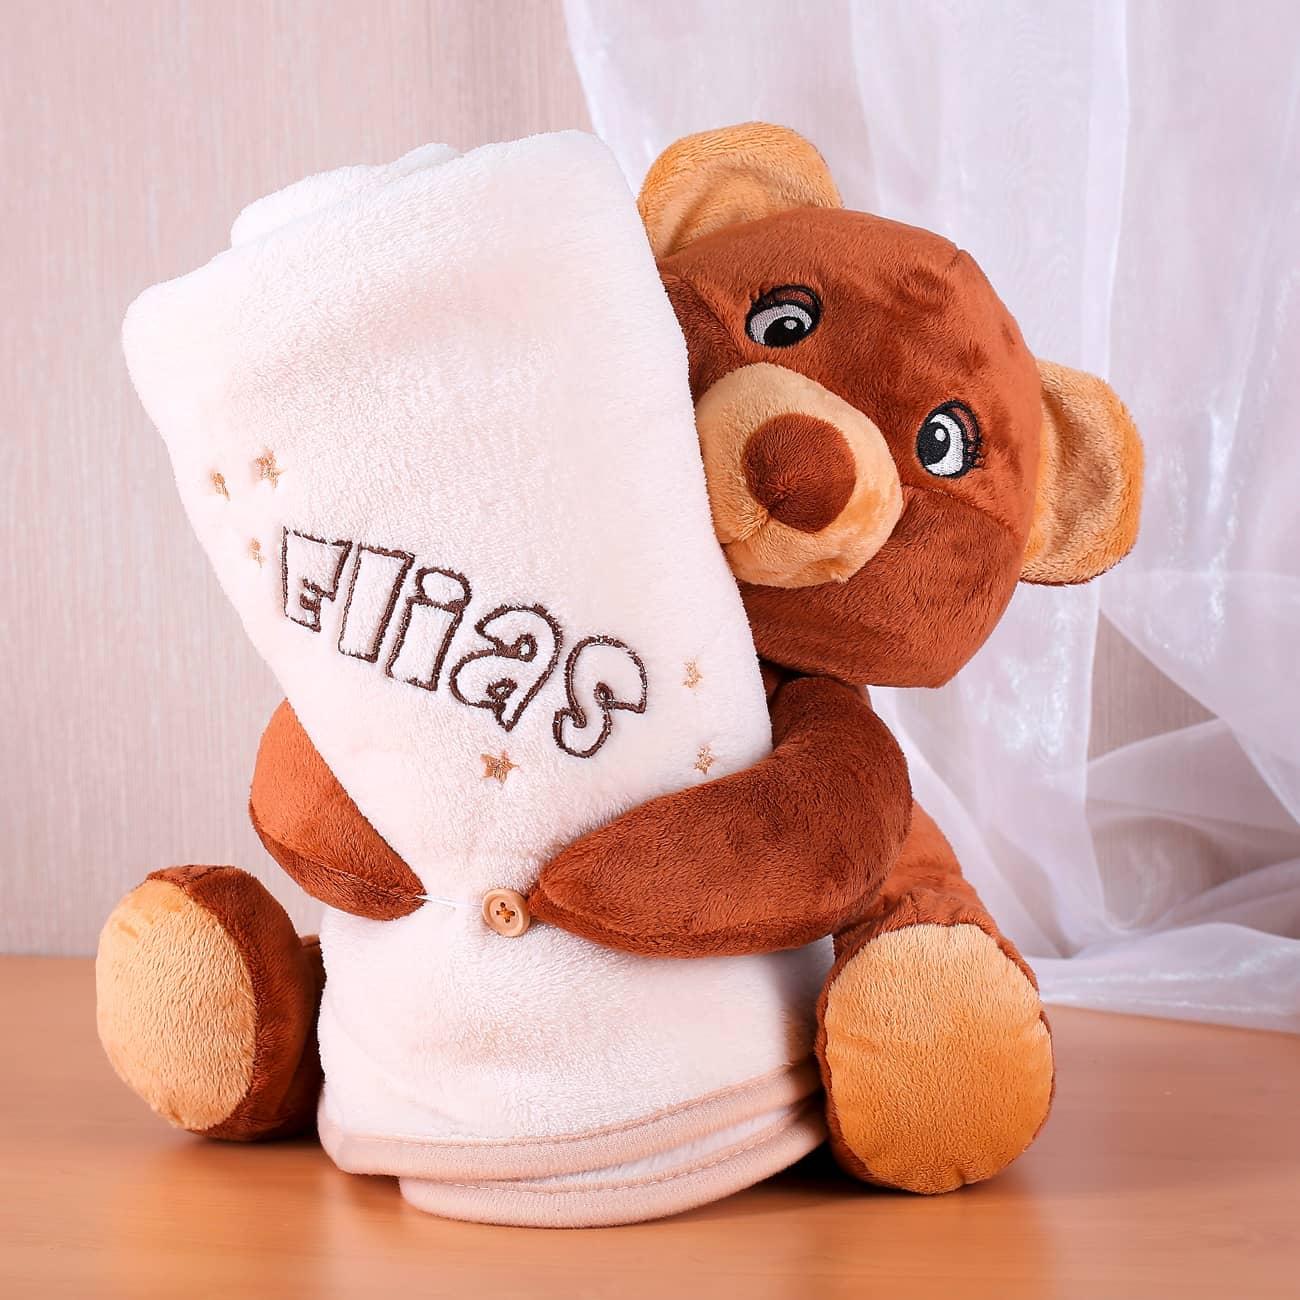 Bedruckte babydecken kuscheldecken f r babys - Personalisiertes kuscheltier ...